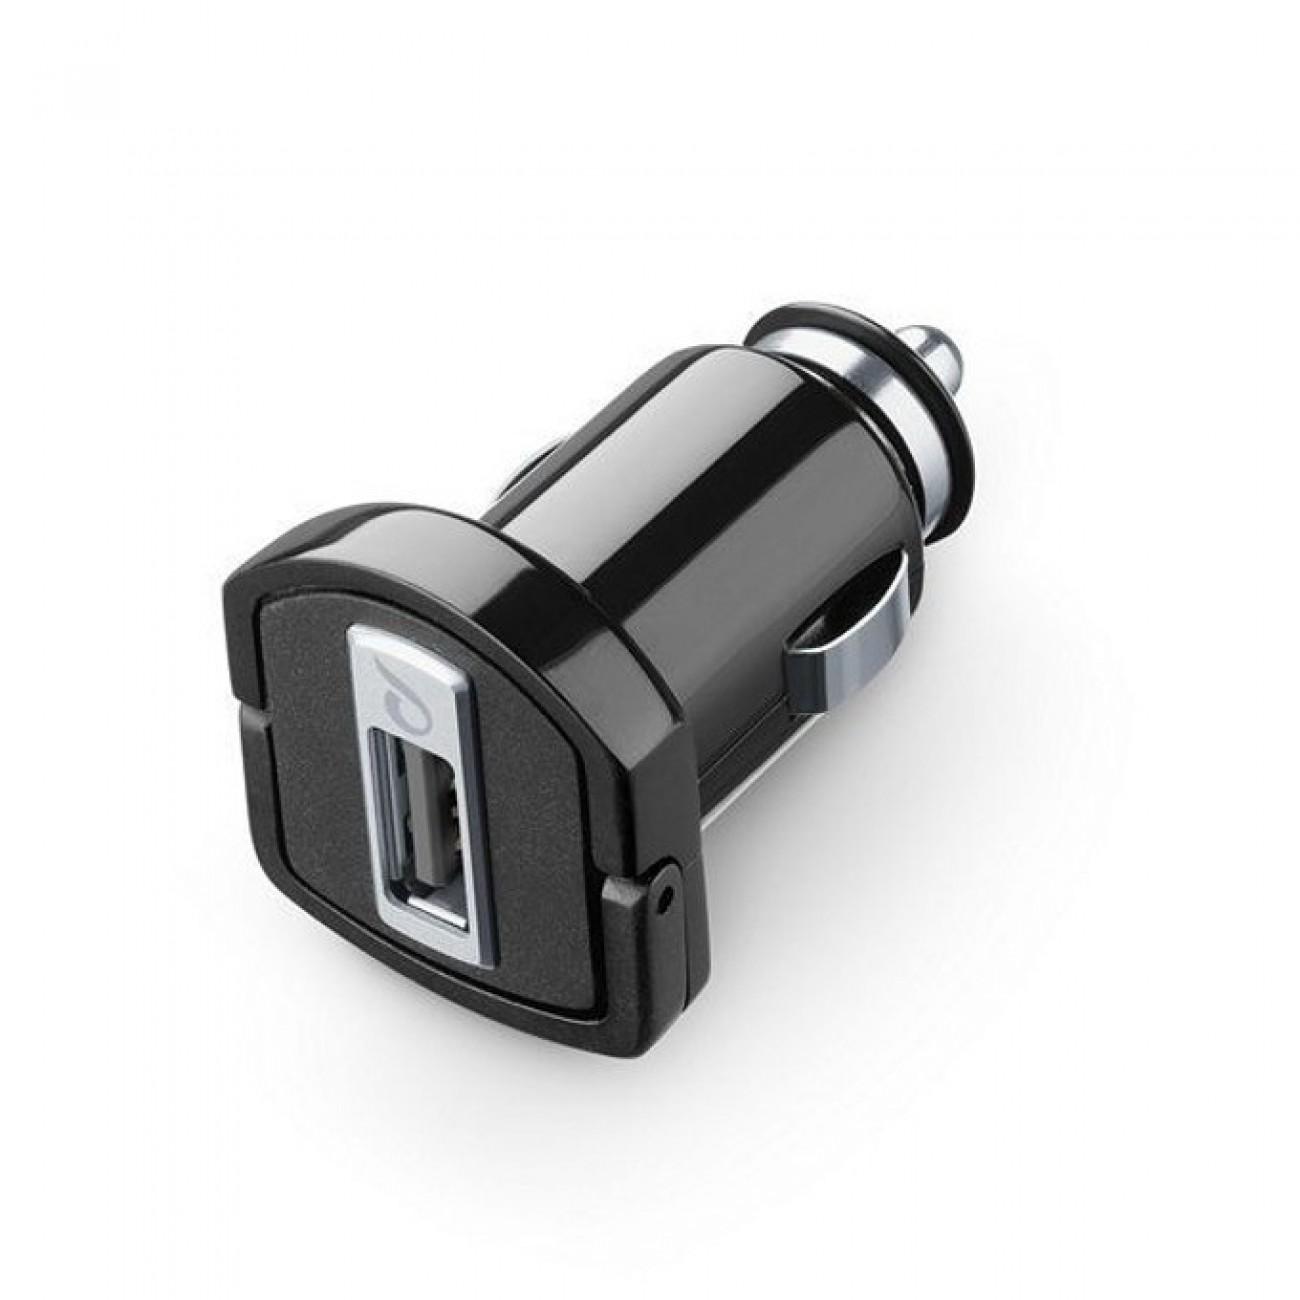 Зарядно устройство Cellular Line, от автомобилна запалка към USB-A(ж), черно в Зарядни устройства за батерии - Cellular Line | Alleop